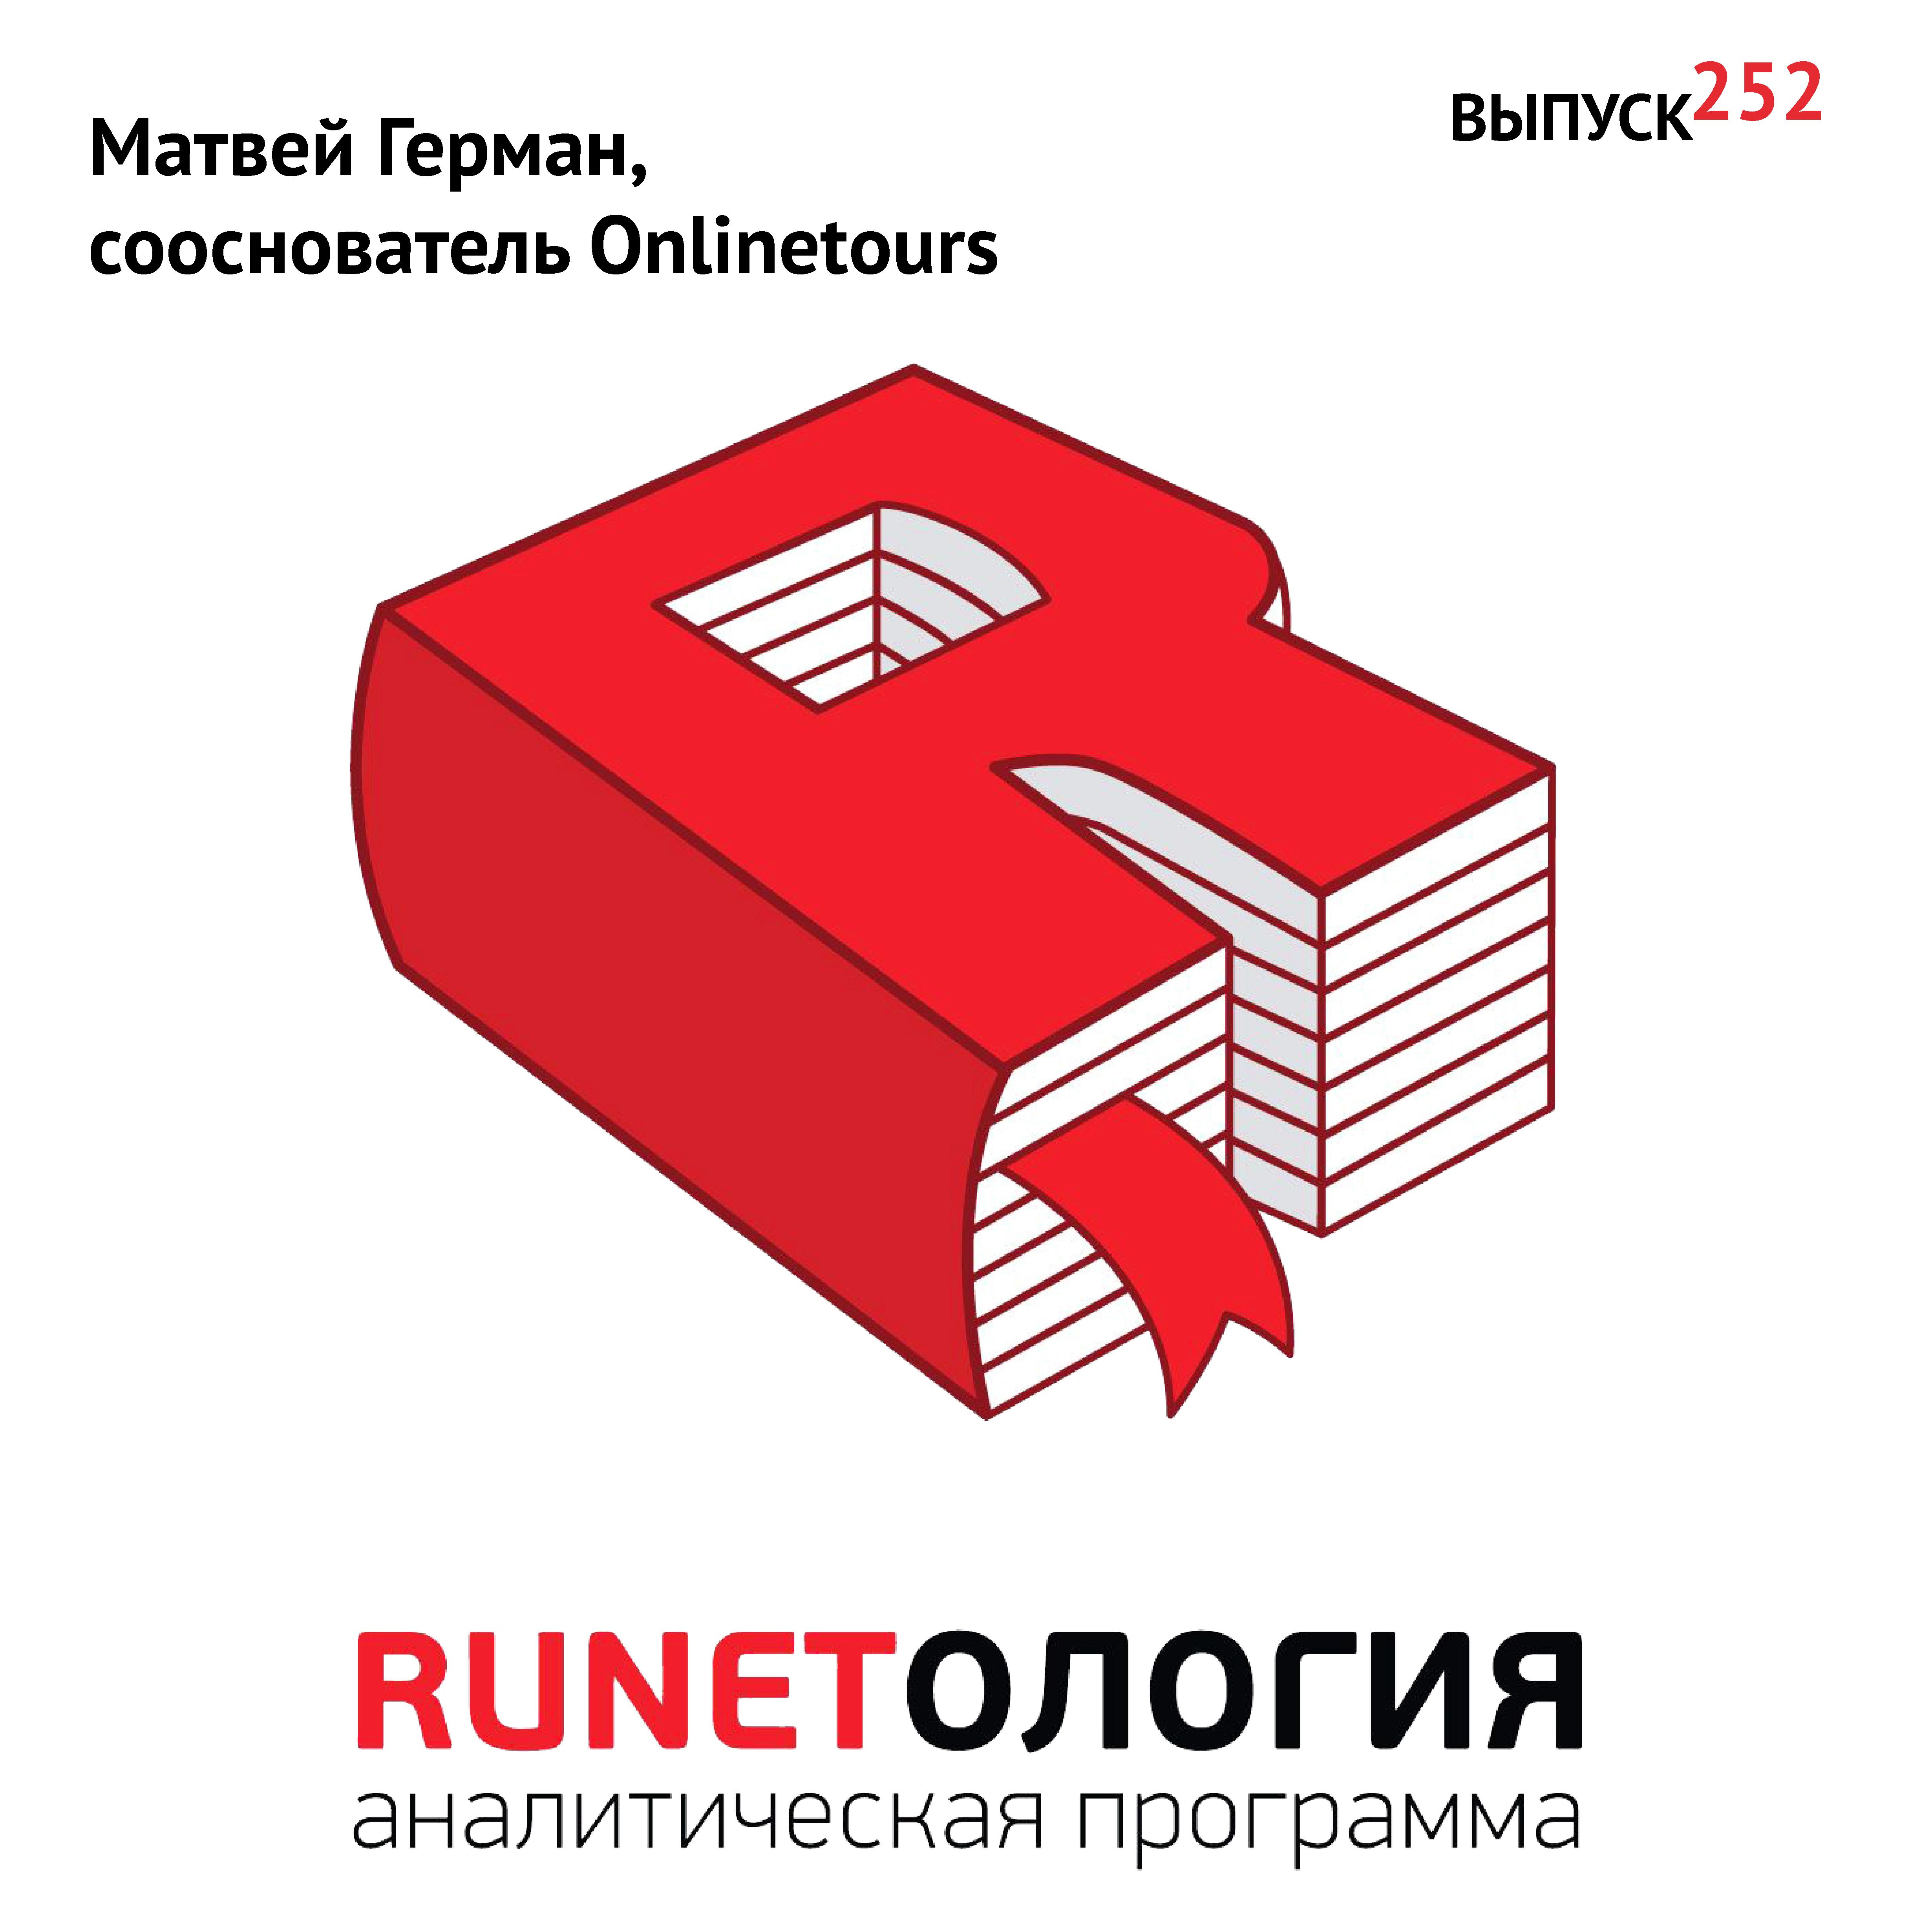 Максим Спиридонов Матвей Герман, сооснователь Onlinetours